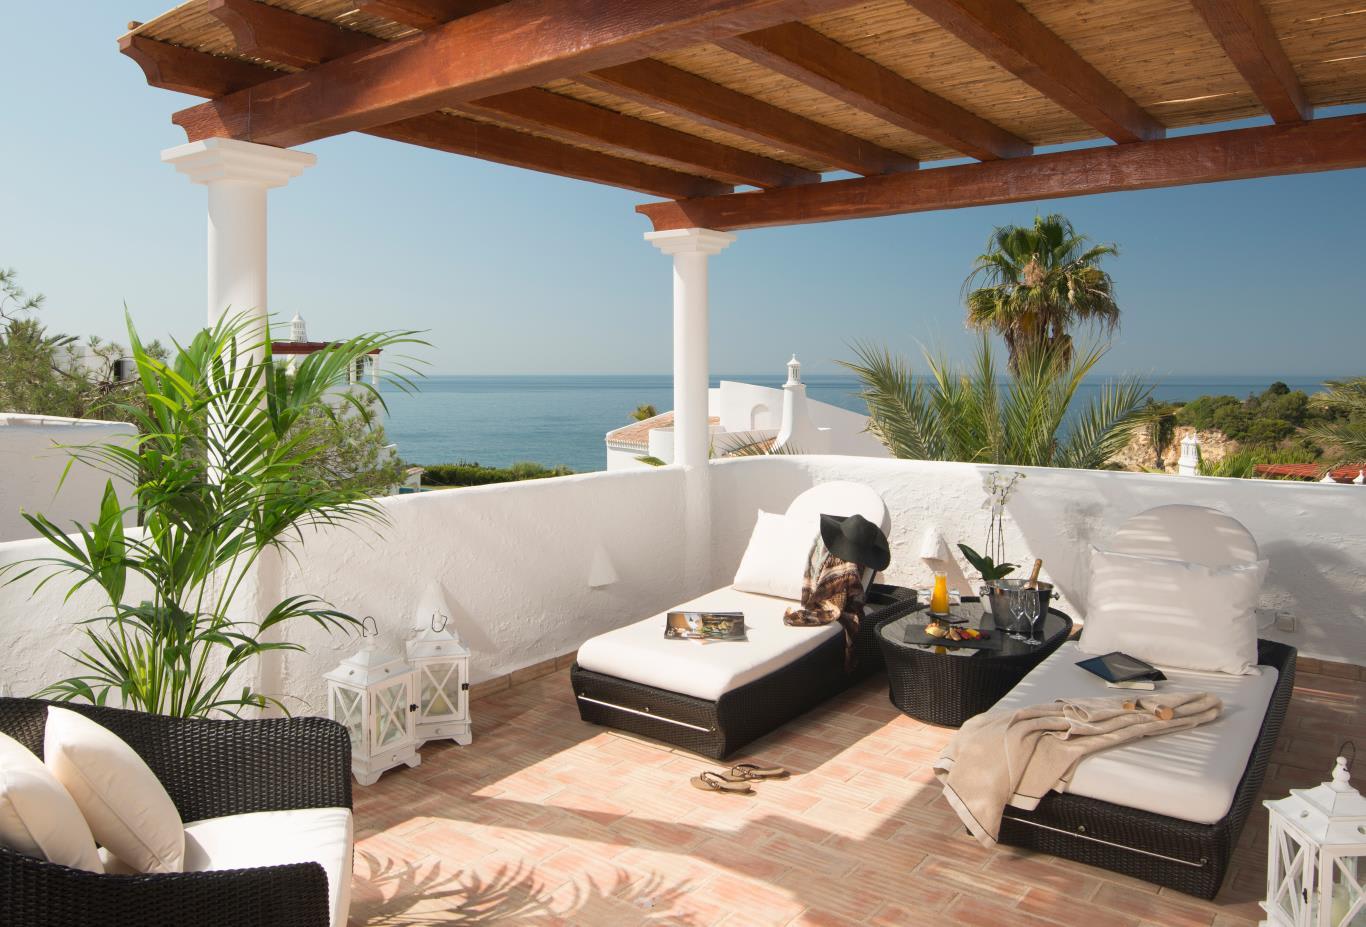 Oasis Premium Rooftop terrace